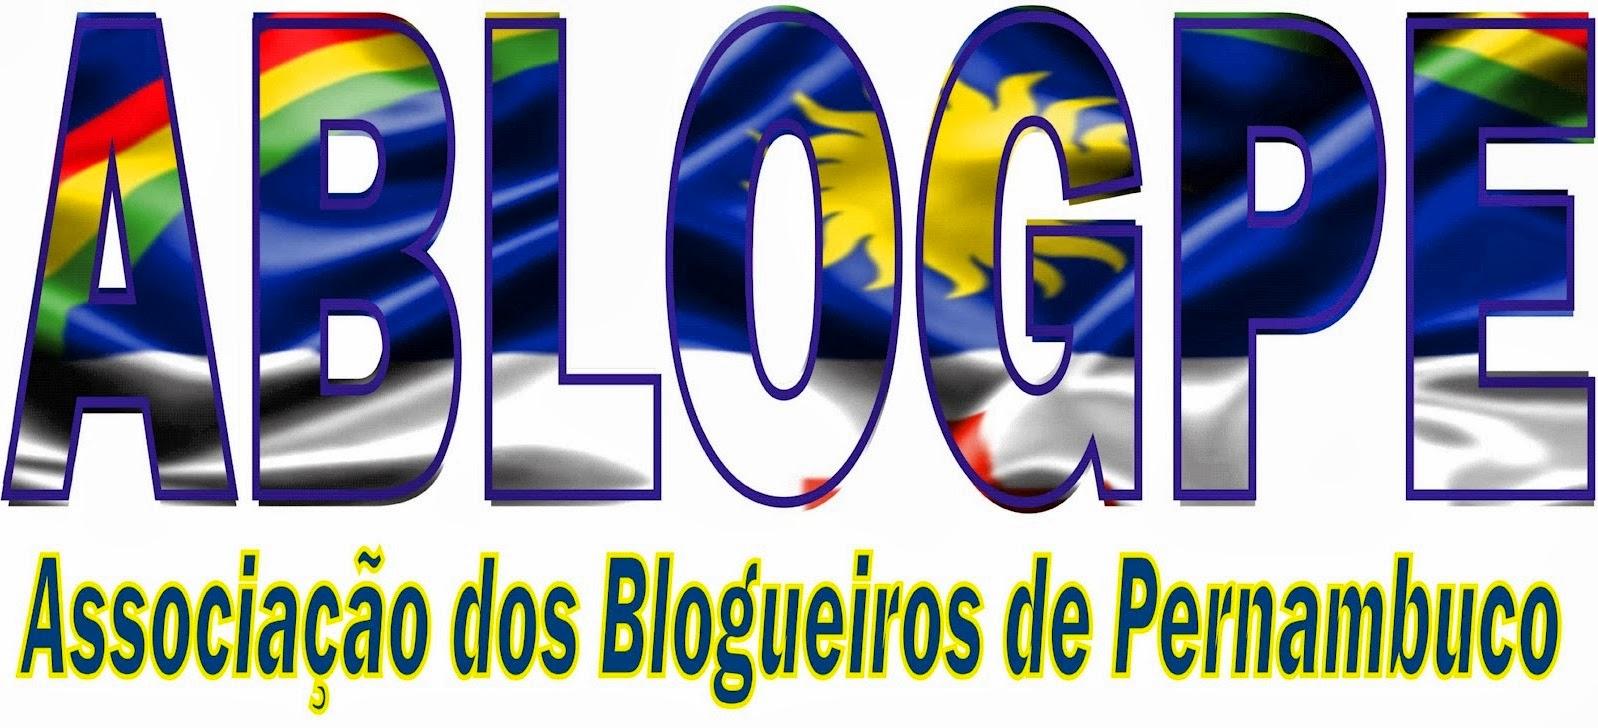 BLOGUEIROS DE PE (...)